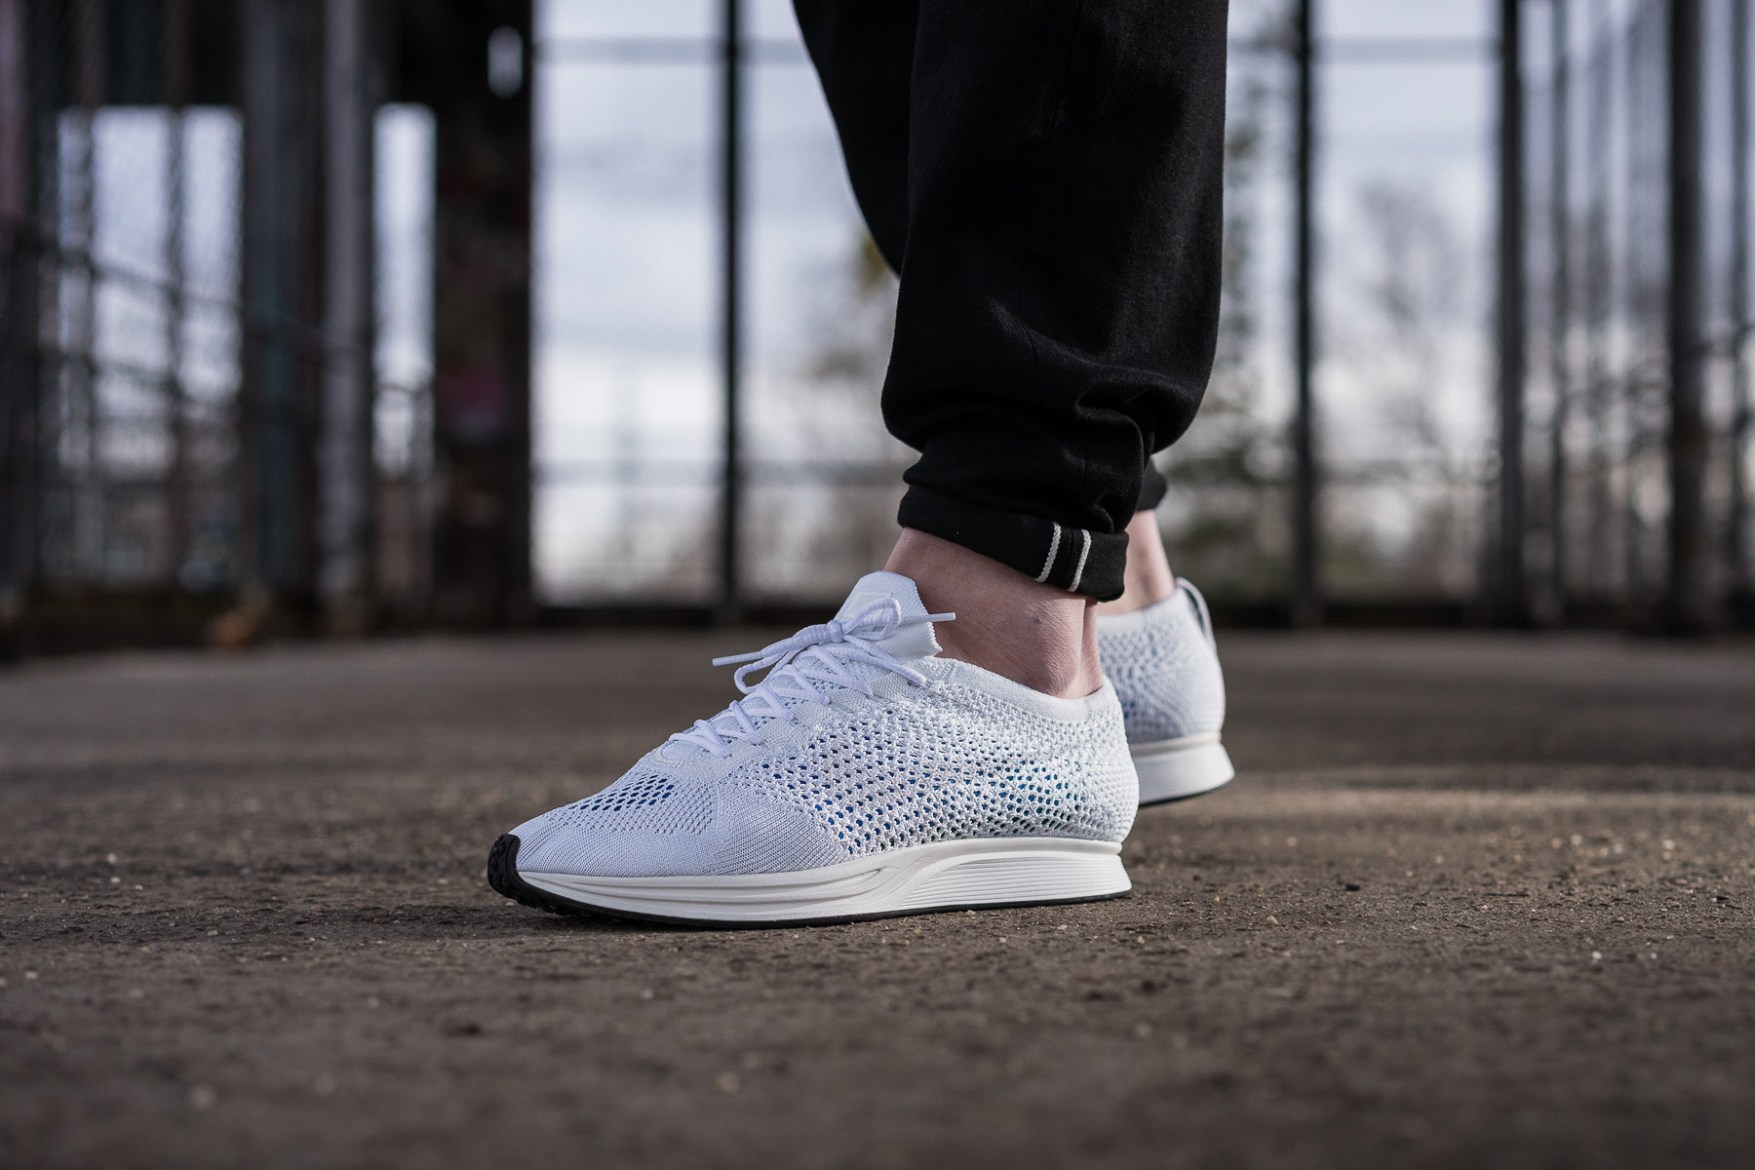 Nike Flyknit Racer On Feet